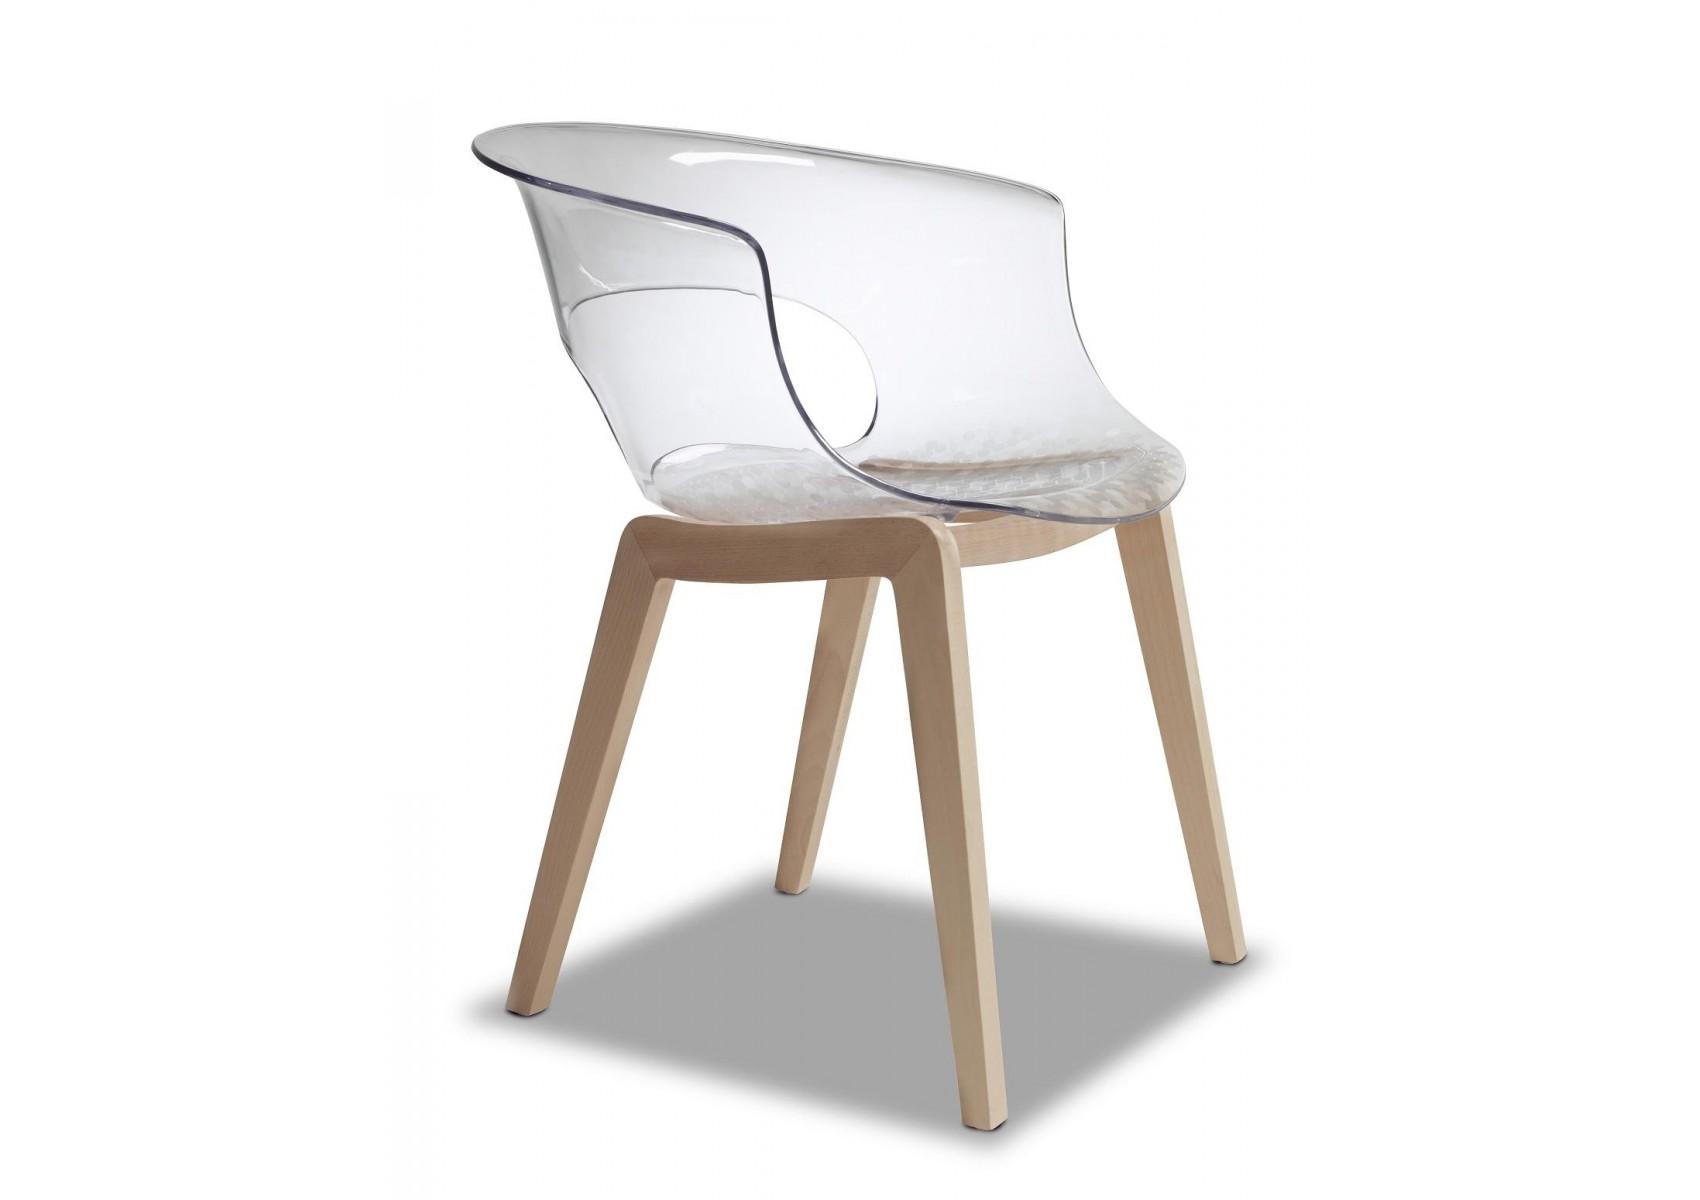 Chaise design avec pieds bois natural miss b antishock d co originale b - Chaise avec pied en bois ...